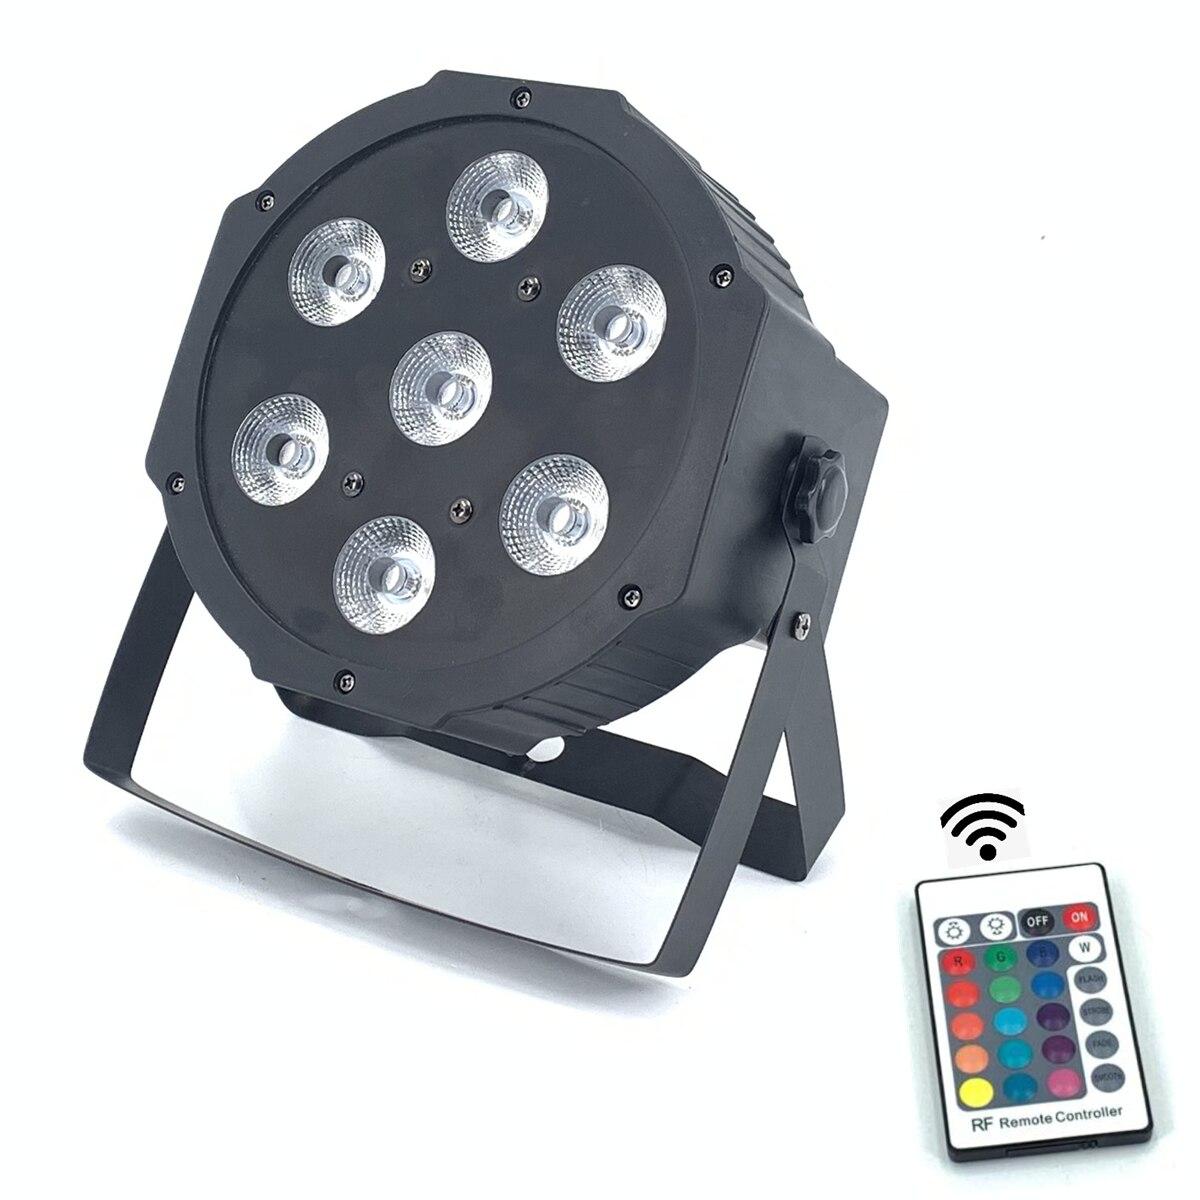 Bezprzewodowy pilot zdalnego sterowania LED najjaśniejsze 8 kanałów dmx reflektor LED flat par 7x12W RGBW 4IN1 szybka wysyłka